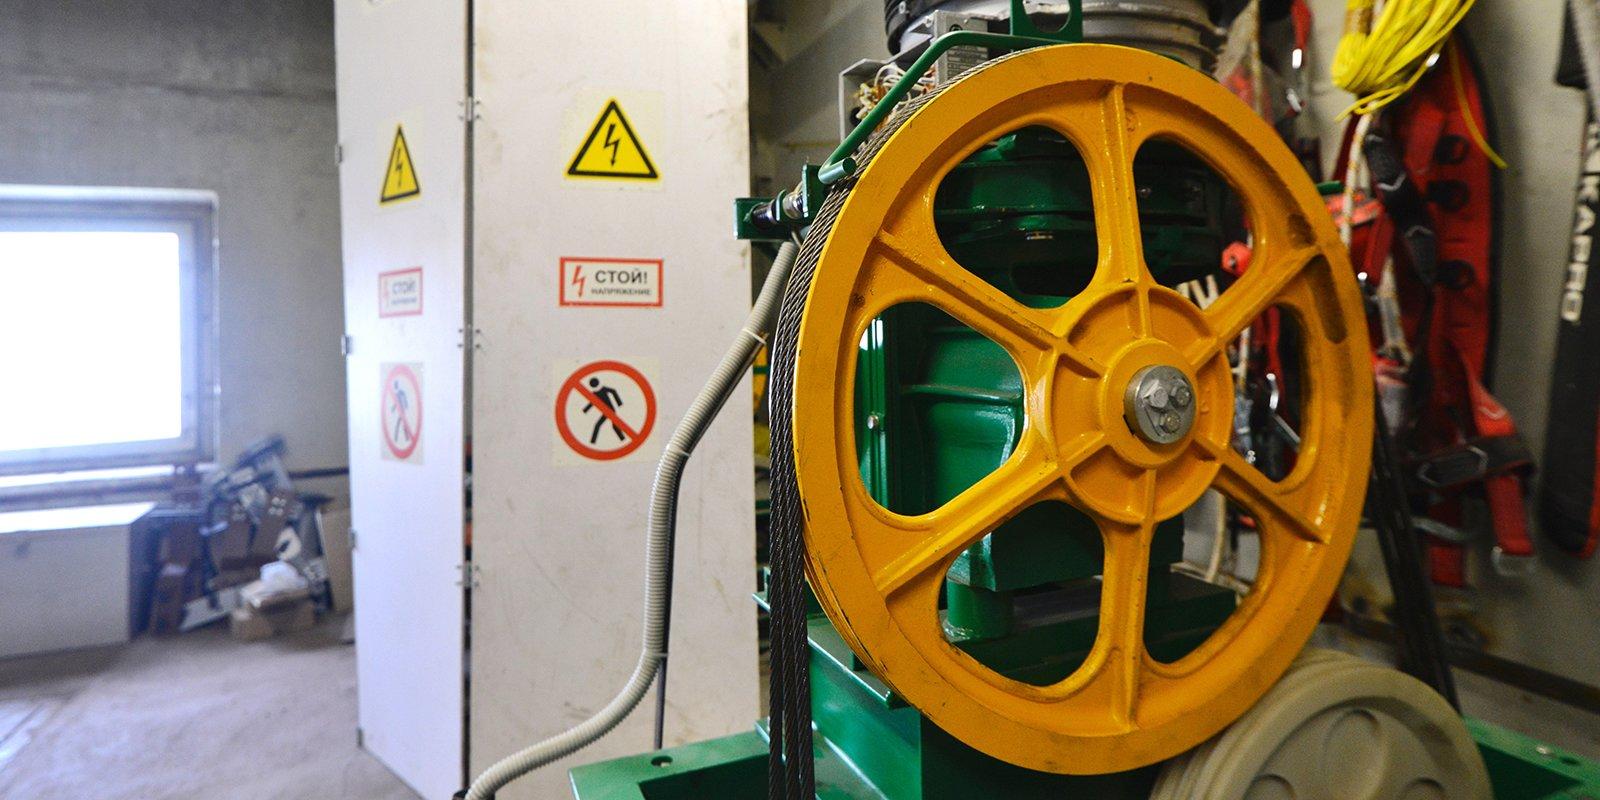 Движение вверх: какие лифты устанавливают в Москве